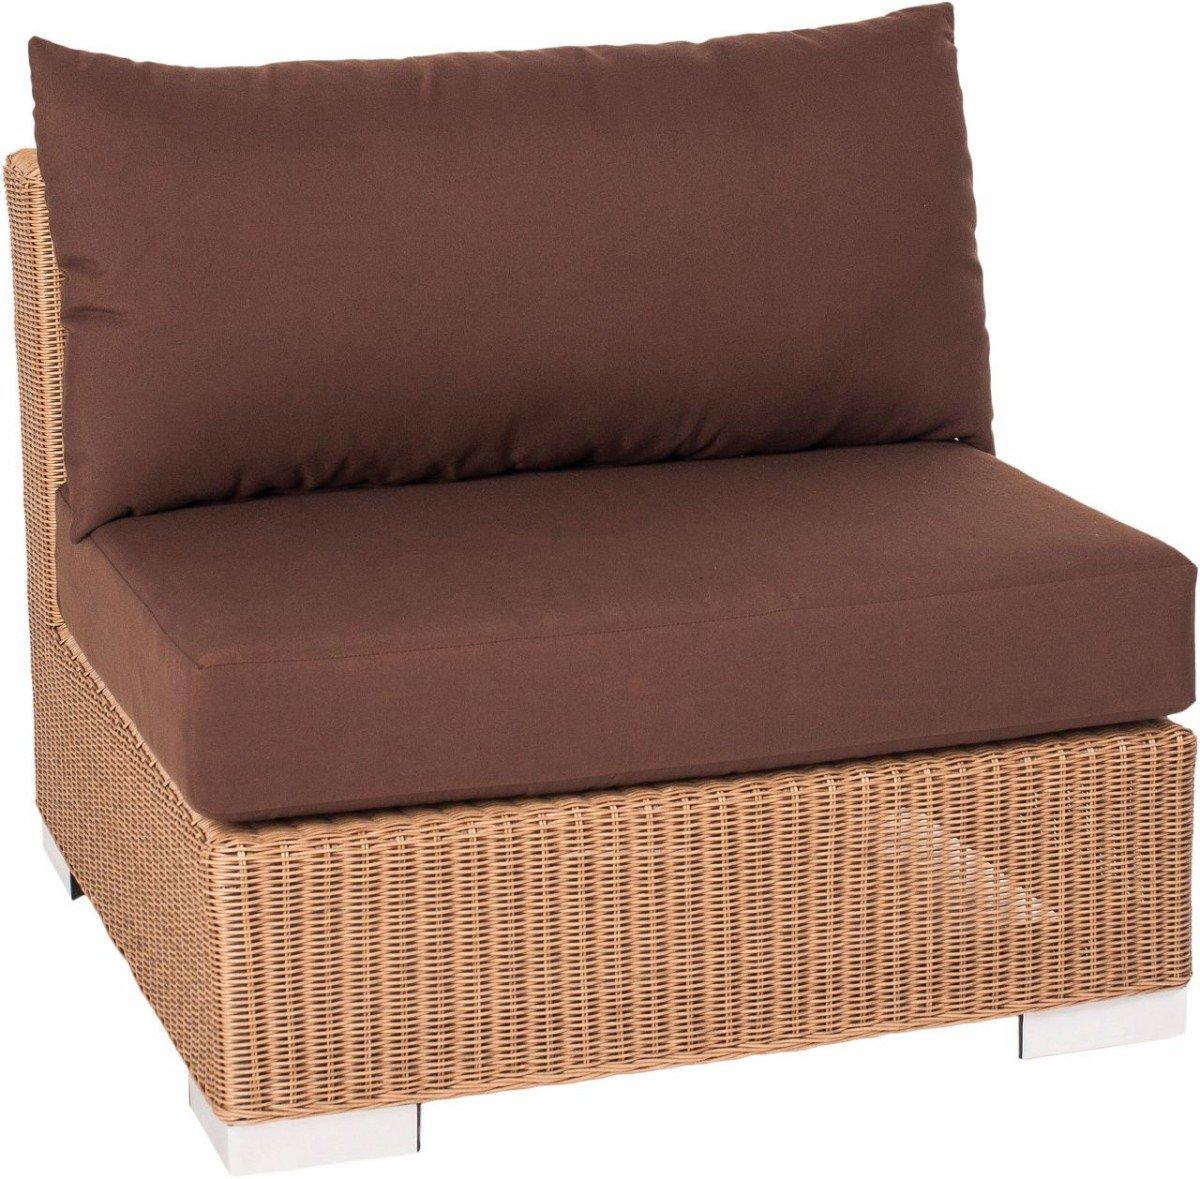 Dreams4Home Mittelement 'Marlo' - Sitz, Sitzelement, Element, Stuhl, Terrassenmöbel, Loungemöbel, Cocktailmöbel, B/H/T: 78 x 65 x 78 cm, Gartenmöbel inklusive Kissen, Rattan, Aluminiumgestell, in braun